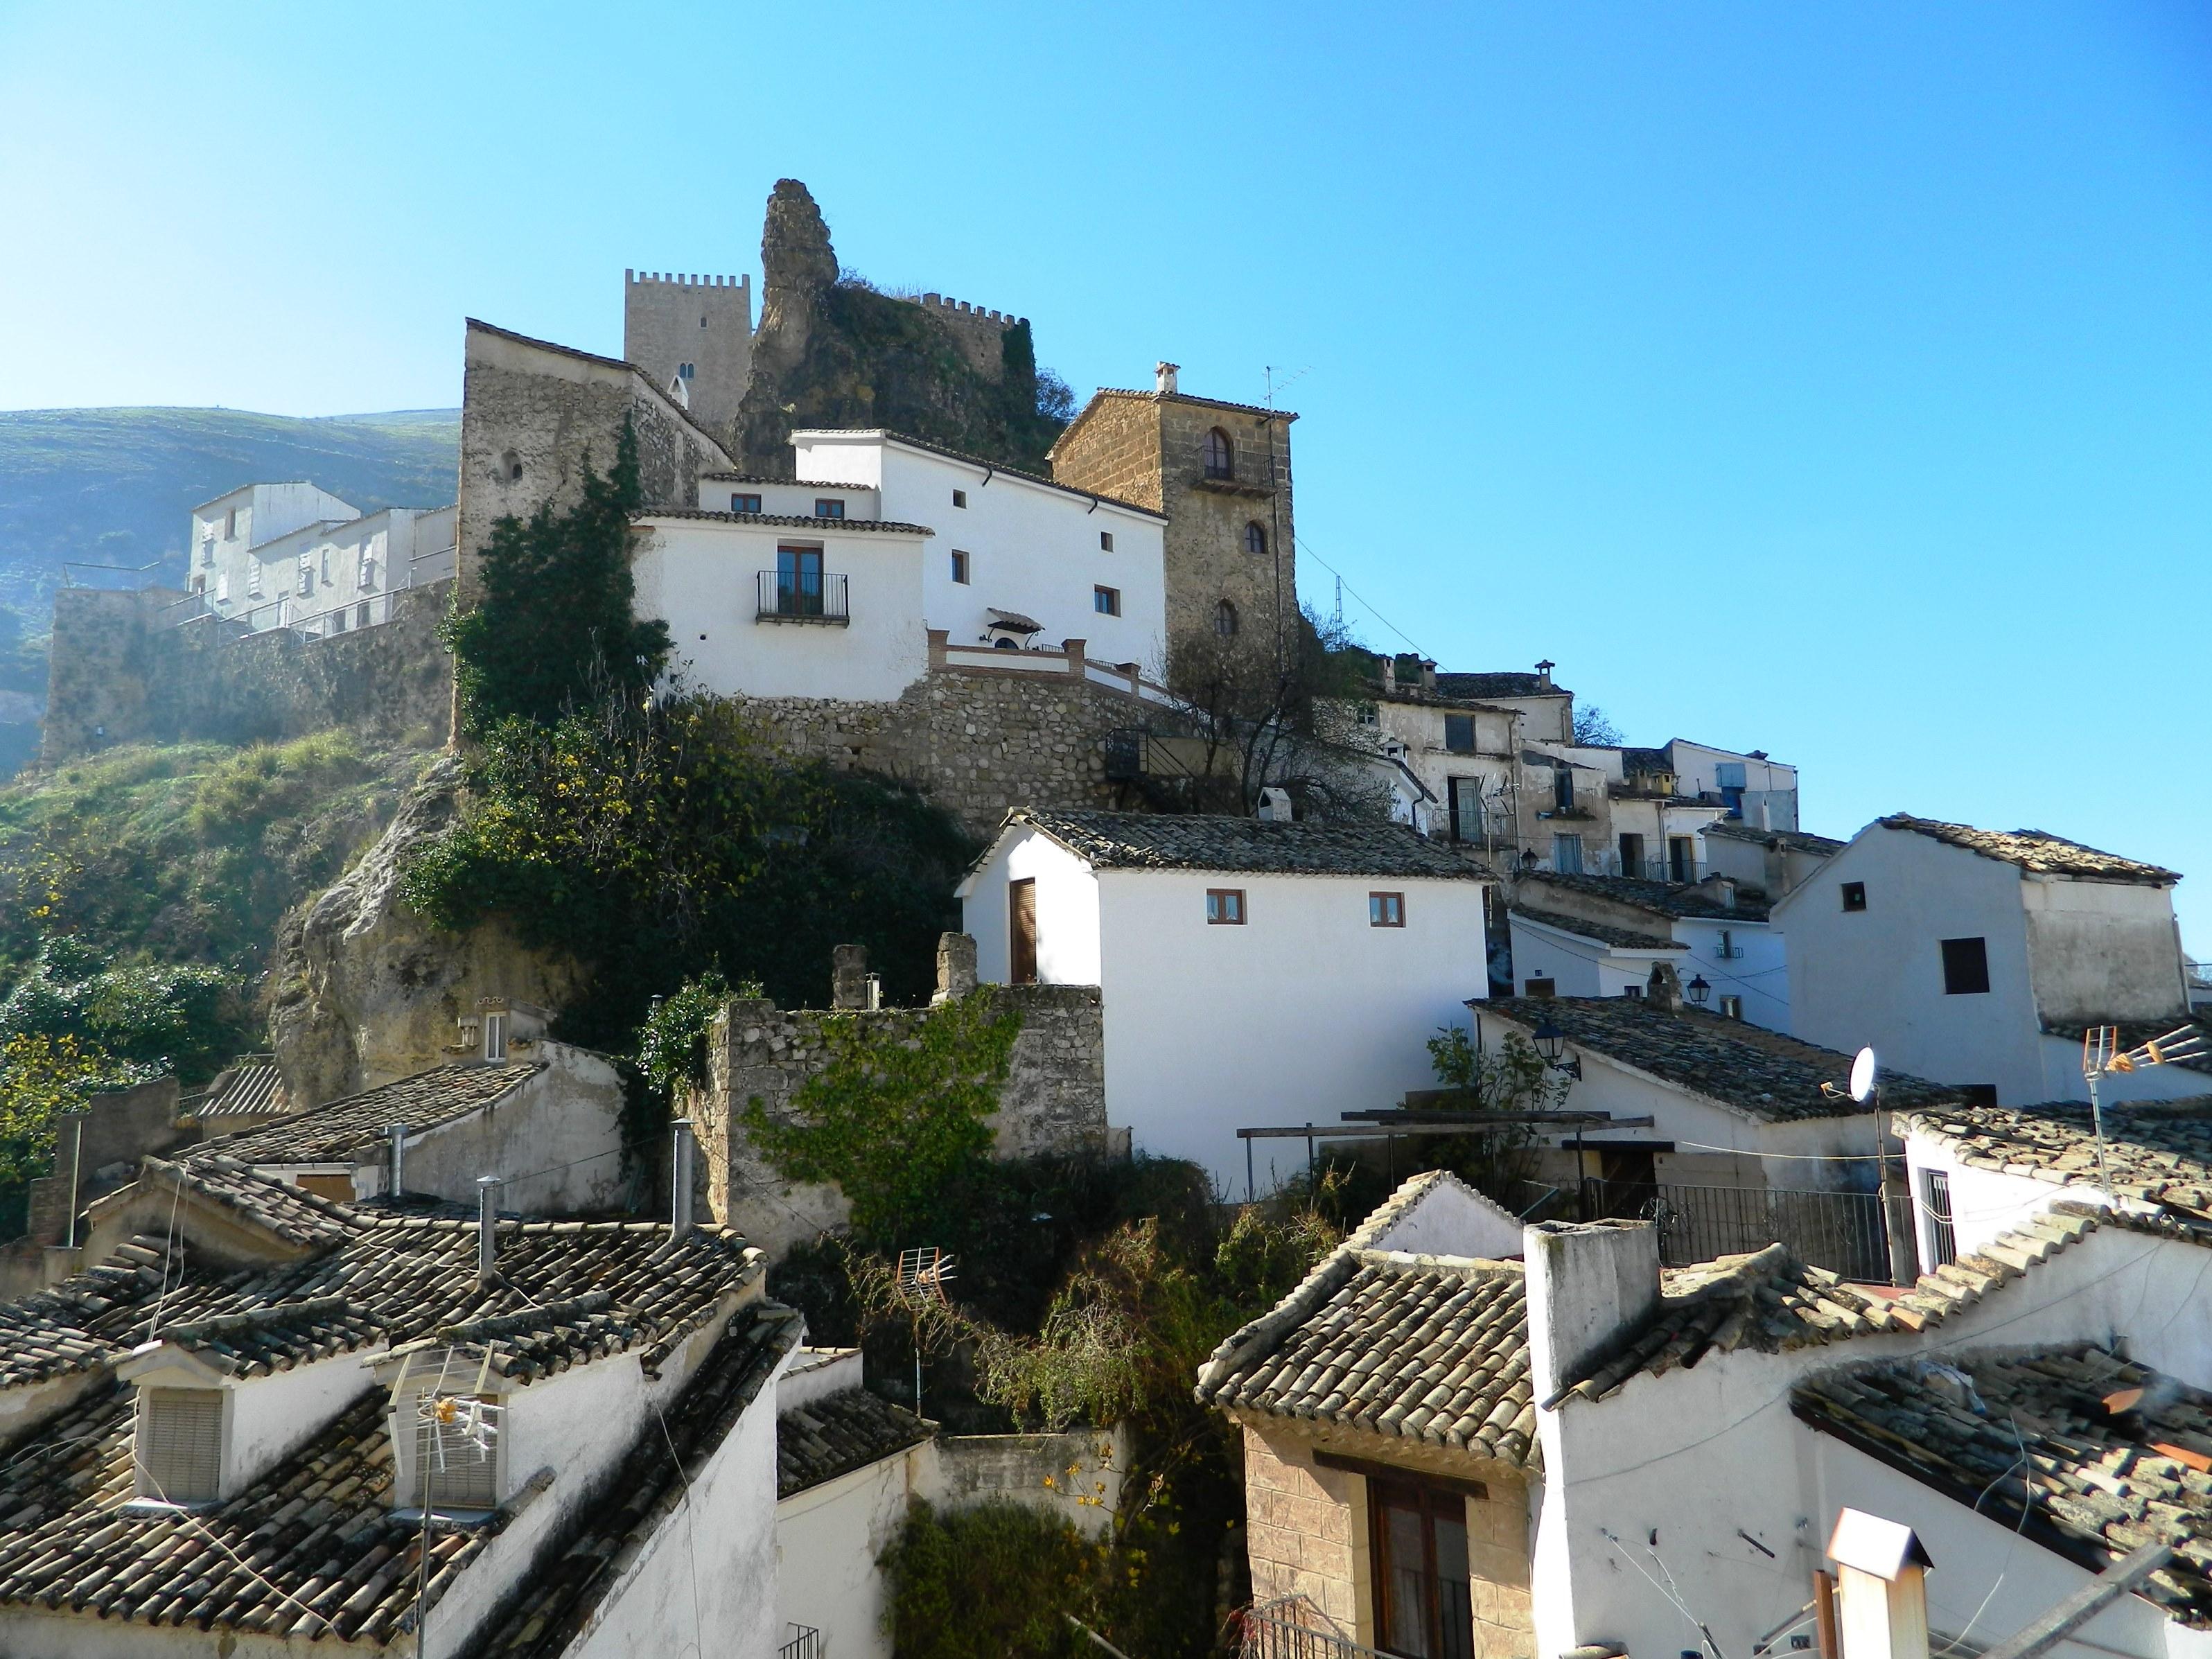 jaen_andalusia_tour_consigli_vacanza_sierra_viaggio